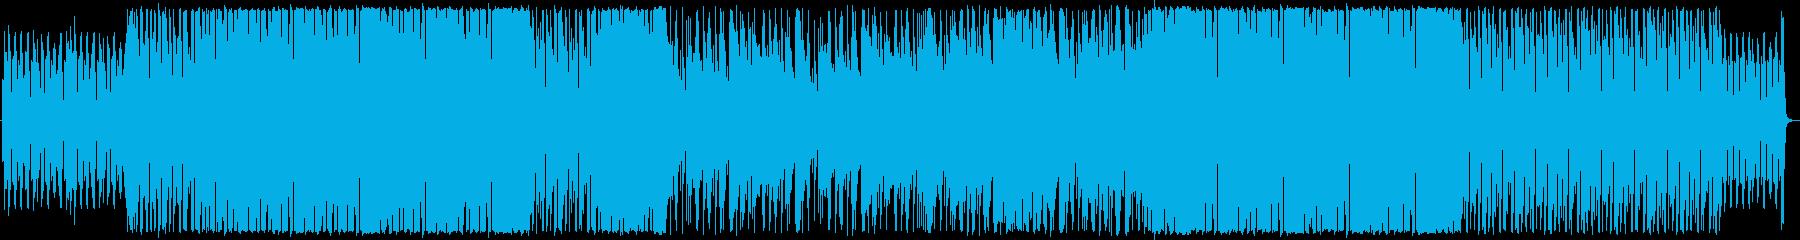 オシャレかっこいいピアノとフルートの楽曲の再生済みの波形